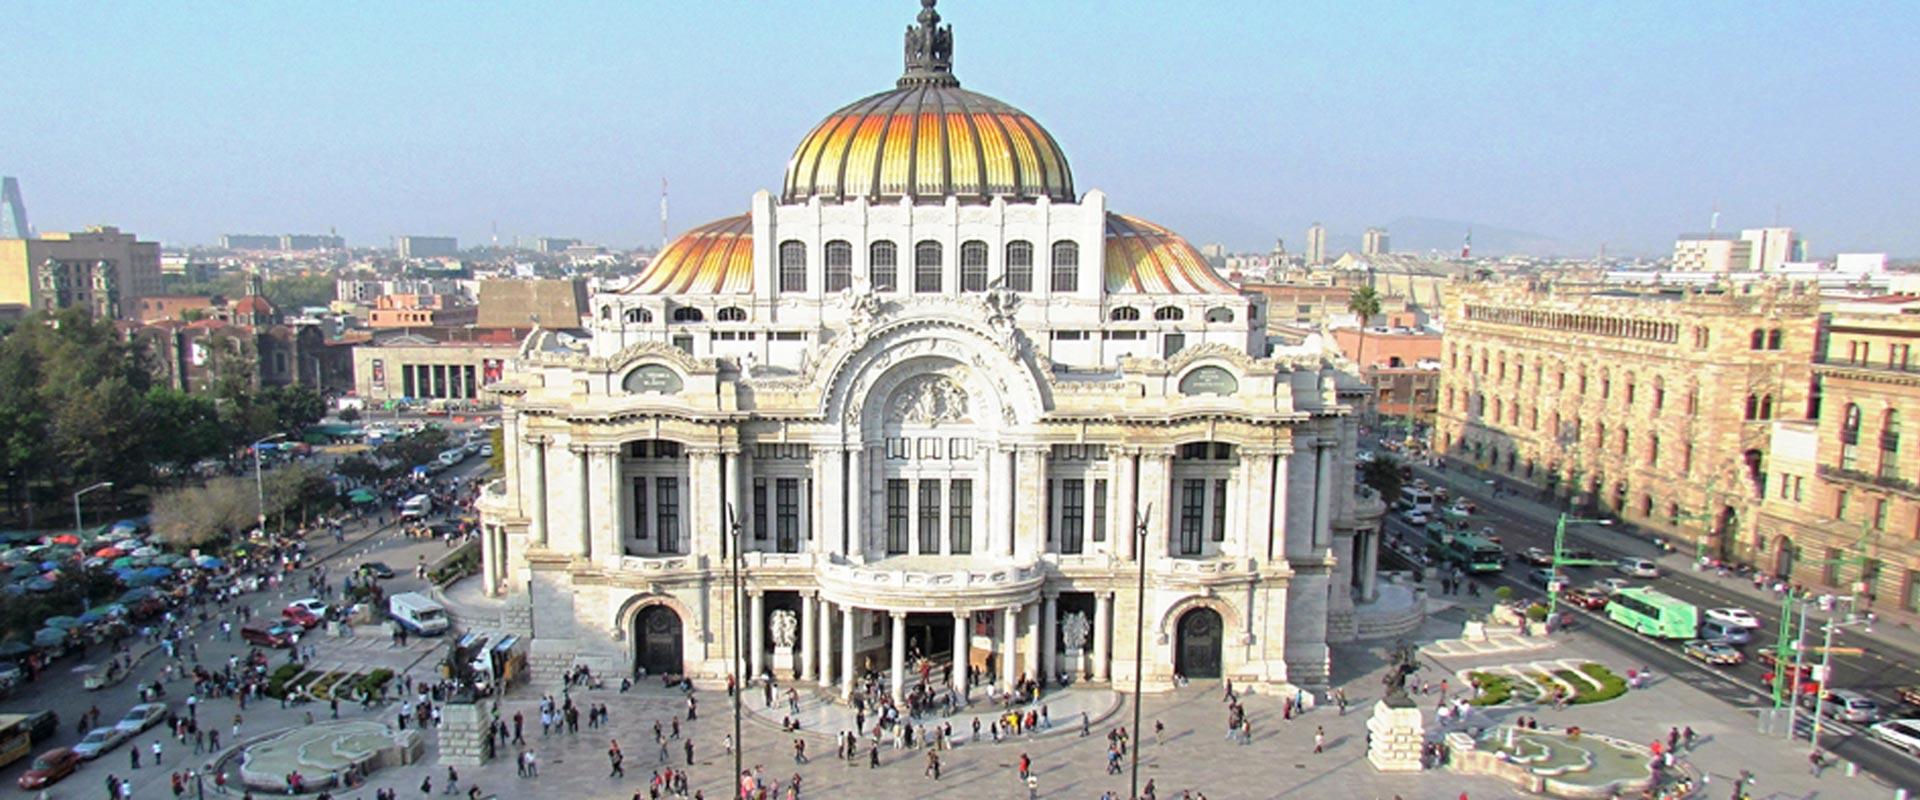 Bellas Artes – Fine Arts Palace